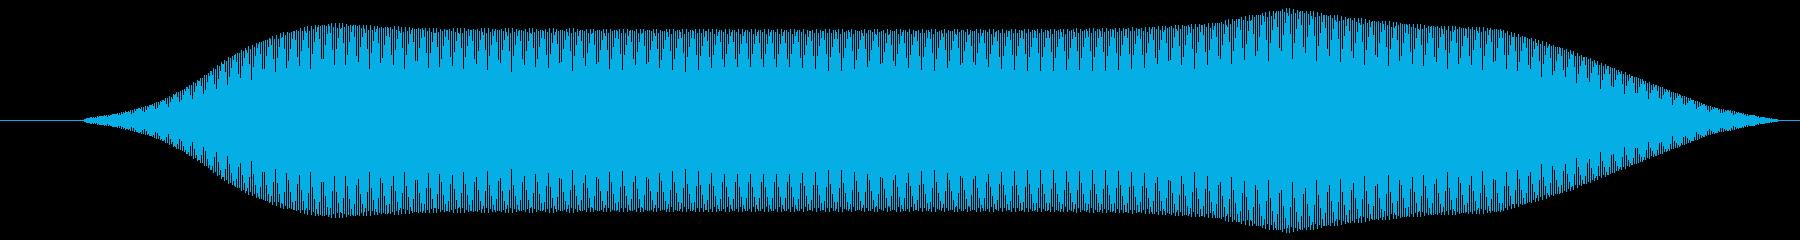 リモコン(スイッチボタン 電子音)ピッ①の再生済みの波形